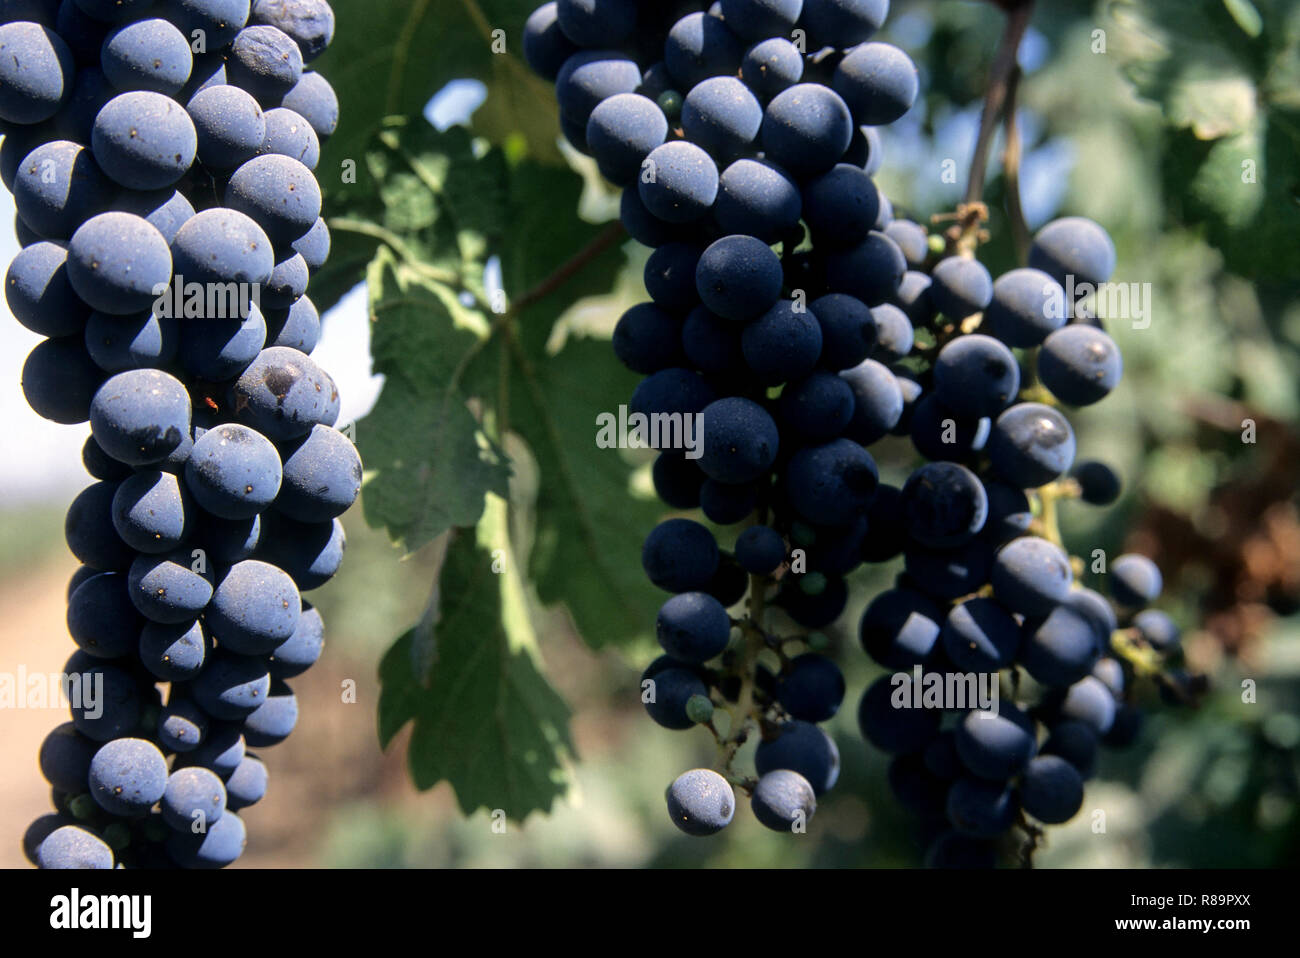 Fruits, Concord grapes hanging on vines in vineyard, narayangaon, maharashtra, india - Stock Image